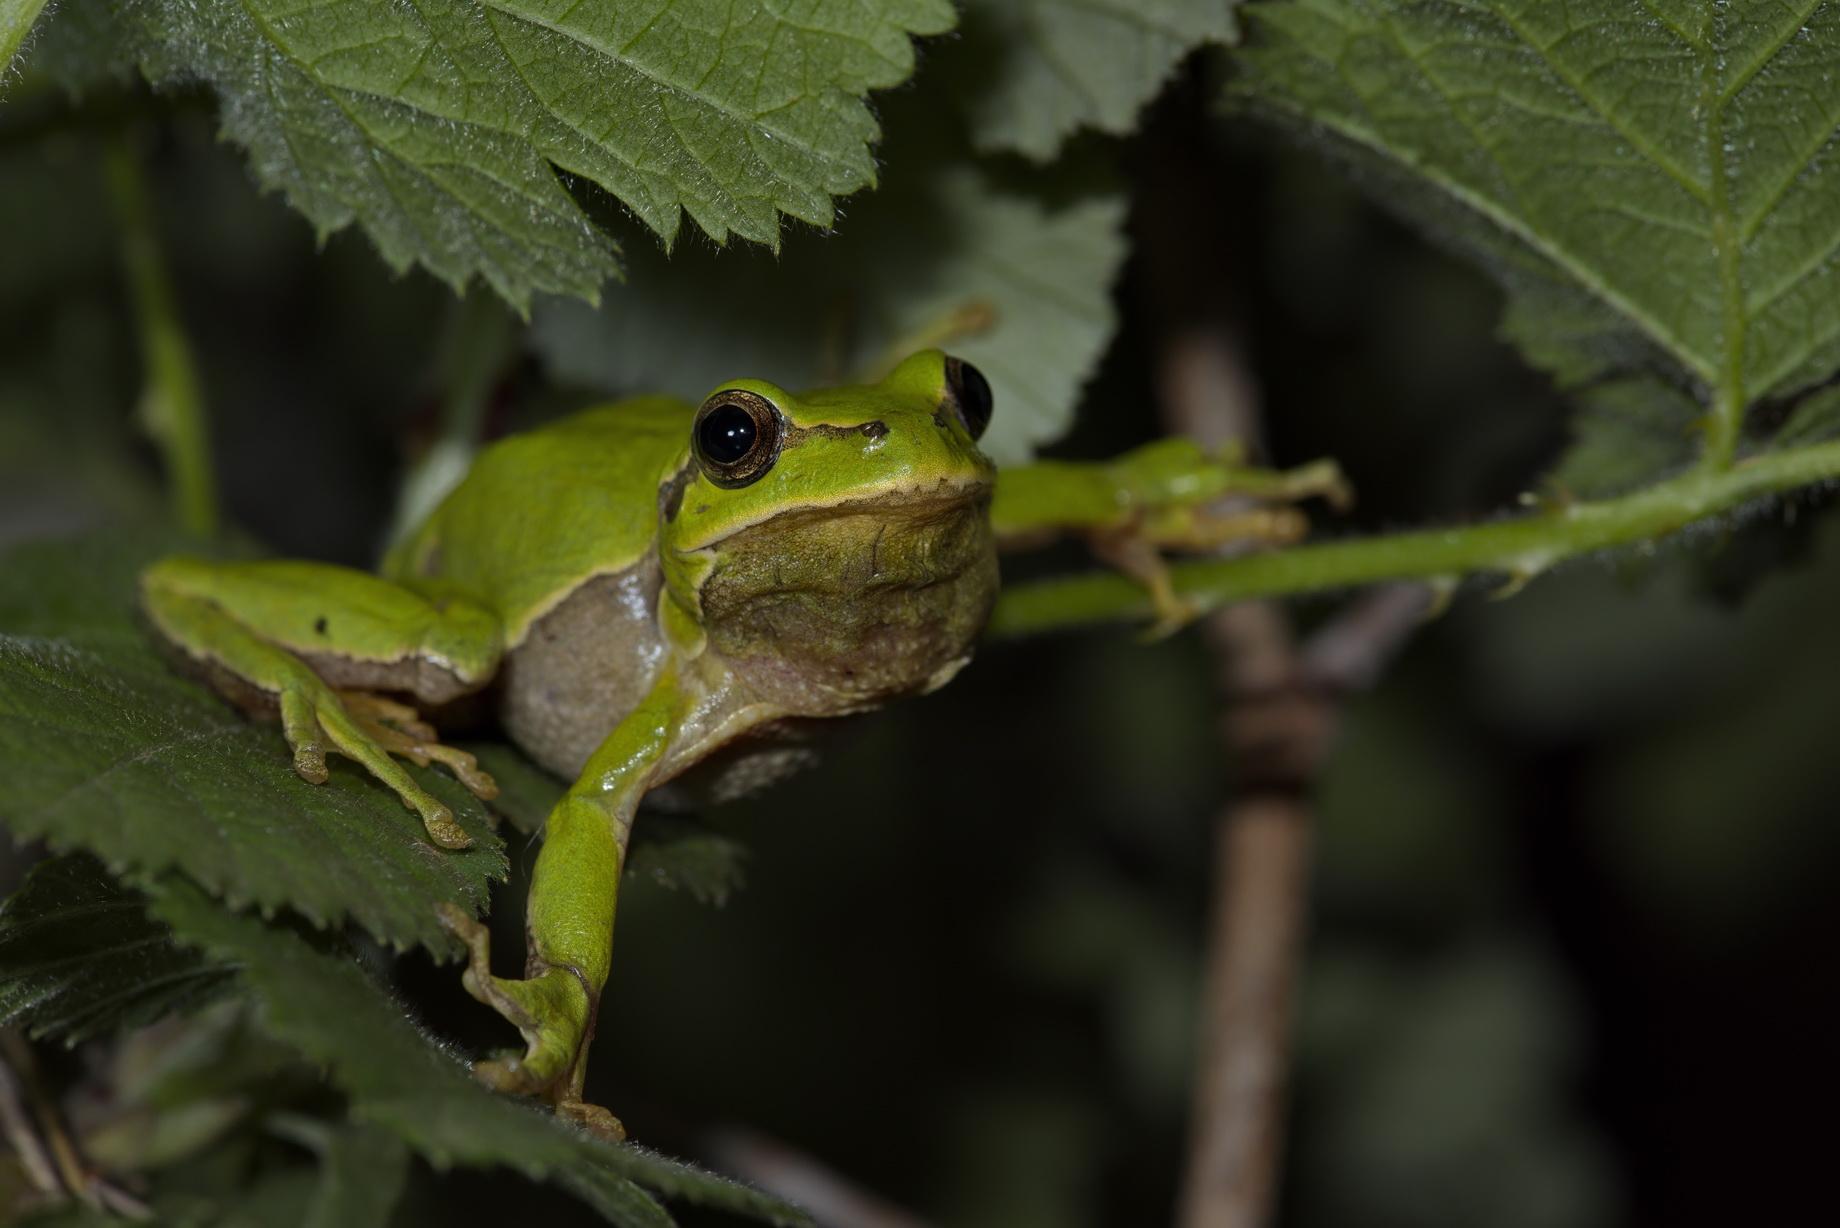 Laubfrosch (Hyla arborea/orientalis), Männchen, Samothraki